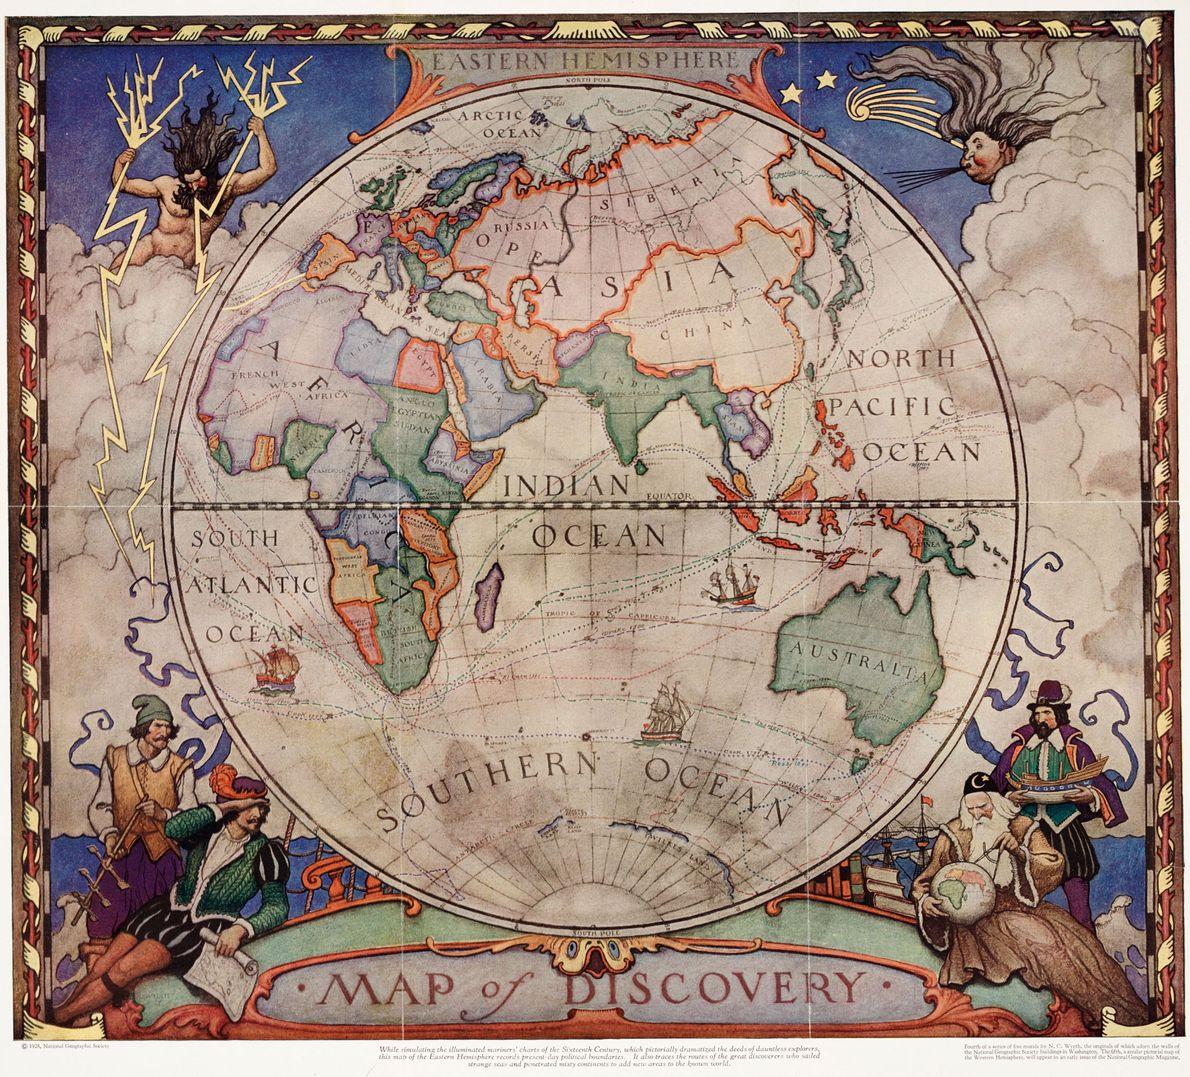 Mapa del descubrimiento, 1928